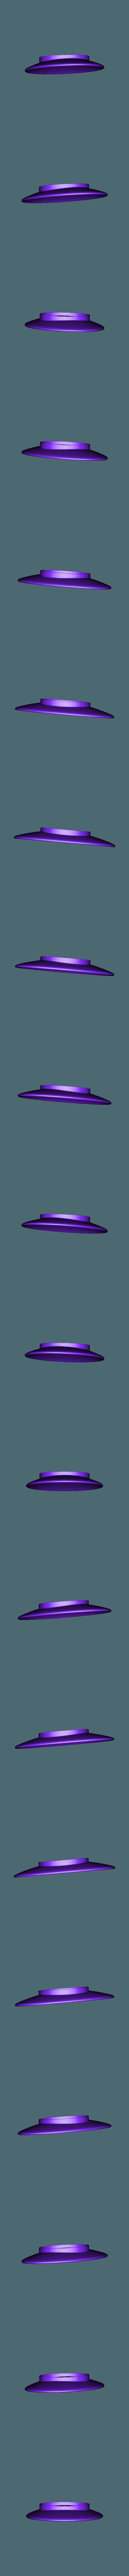 Dish.stl Download free STL file Soap Dish • 3D printing design, VICLER